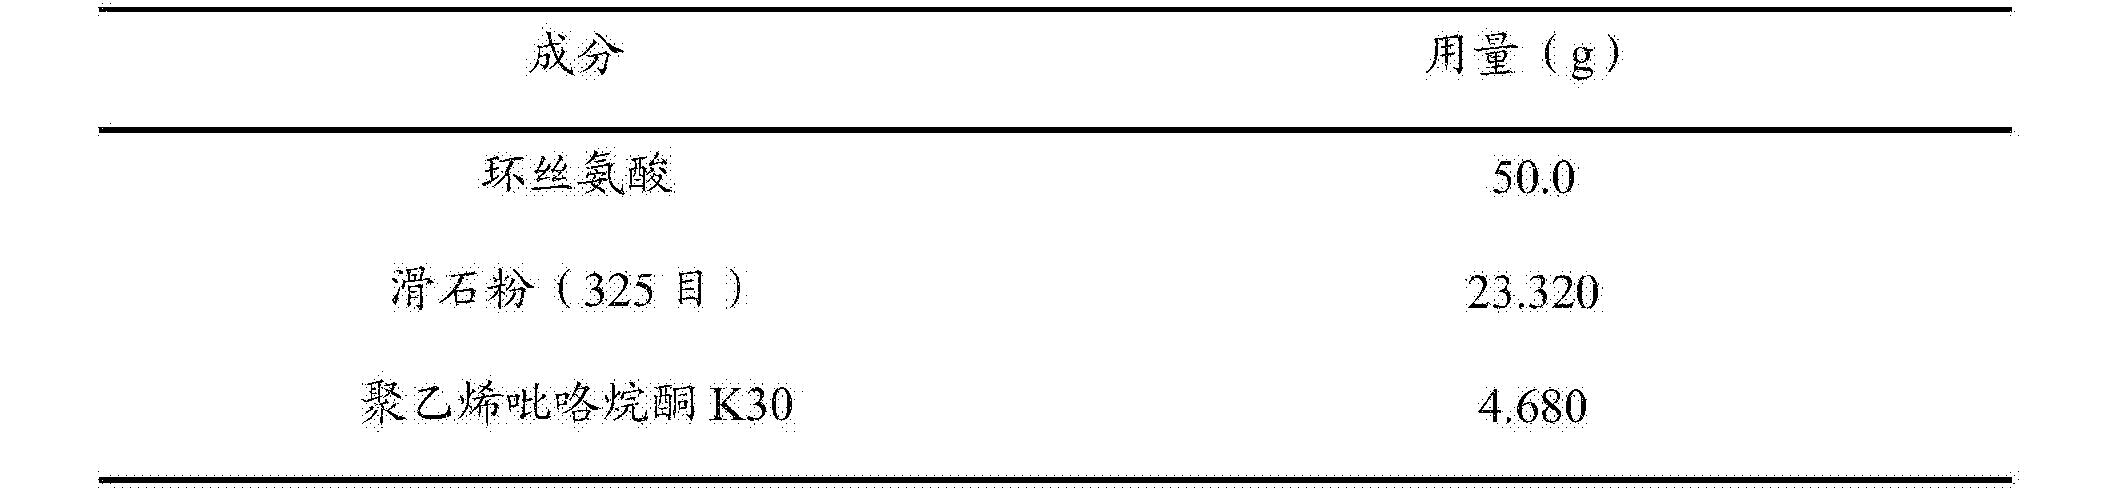 Figure CN105476976BD00142